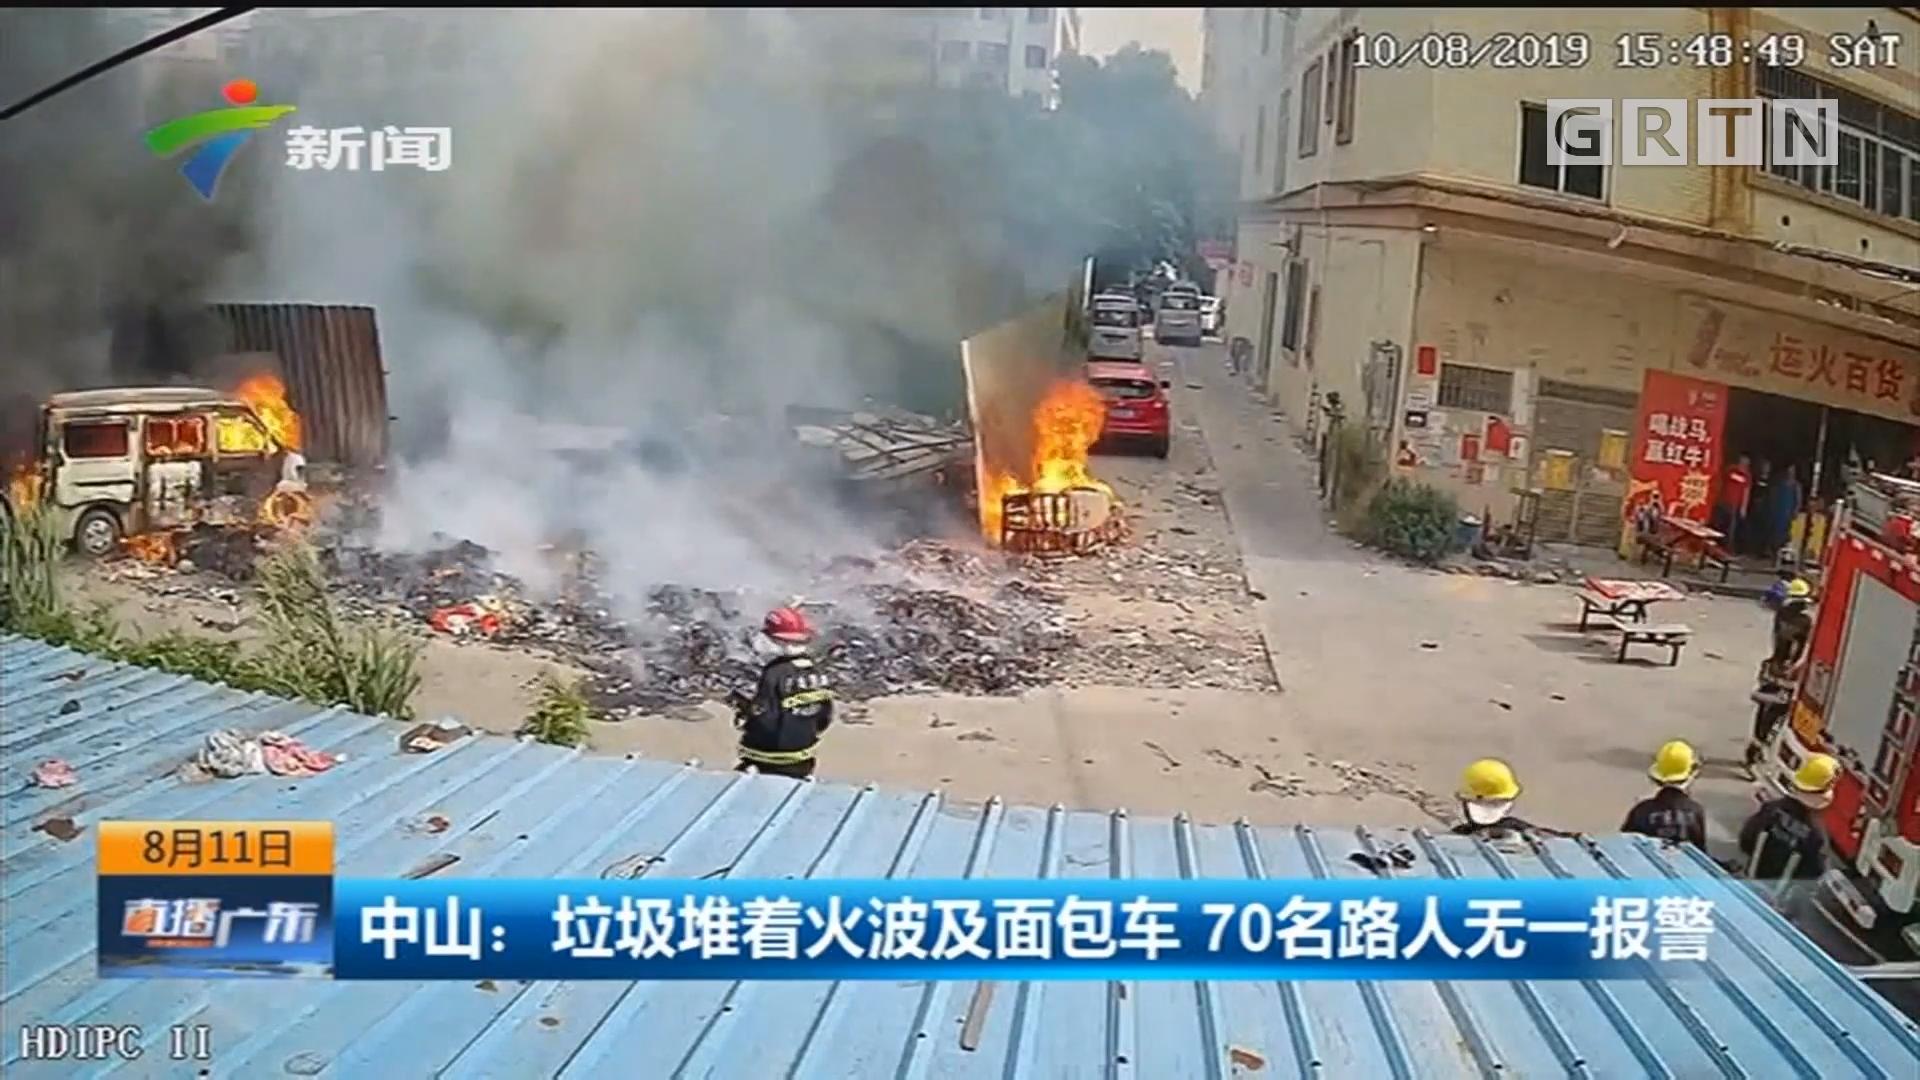 中山:垃圾堆着火波及面包车 70名路人无一报警